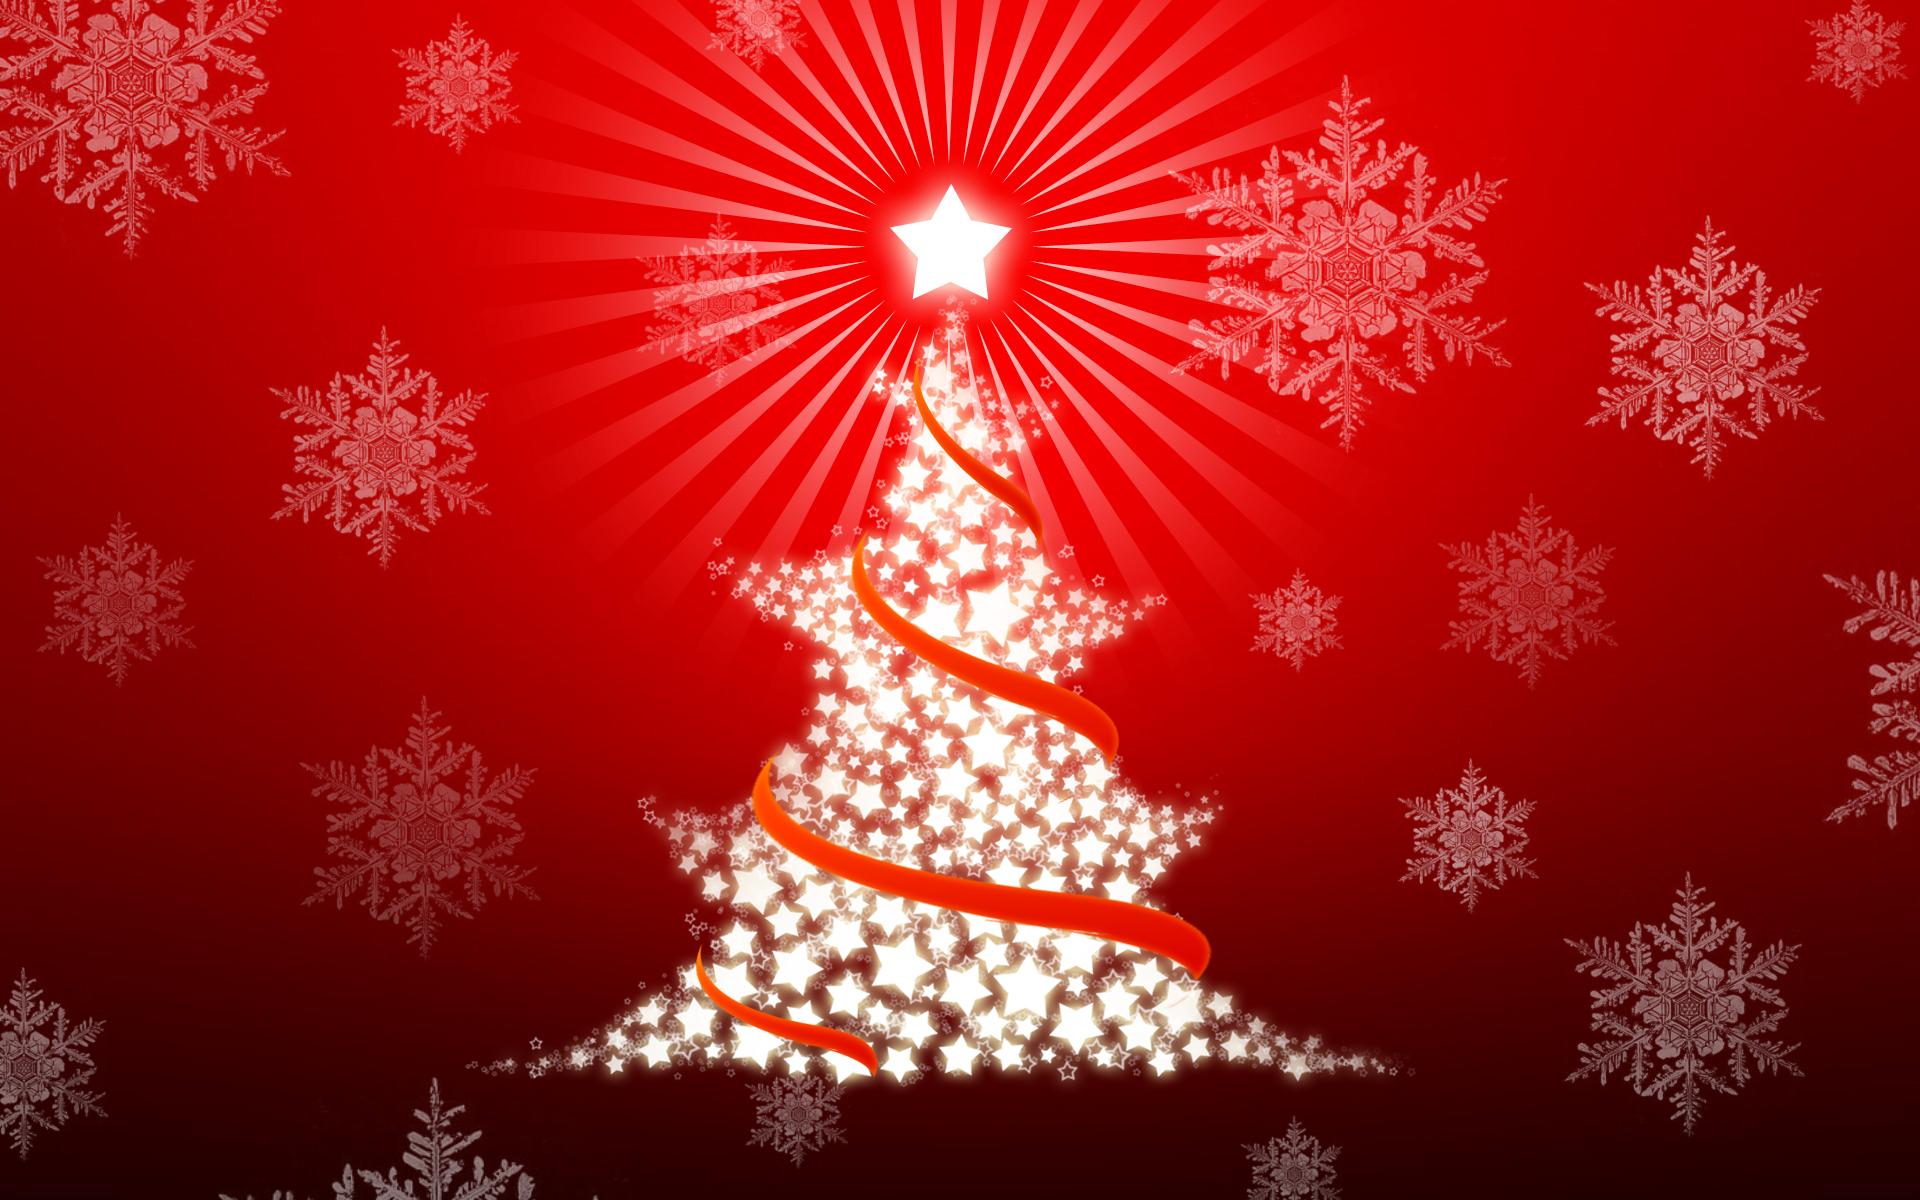 Arbol de navidad con estrellas - 1920x1200